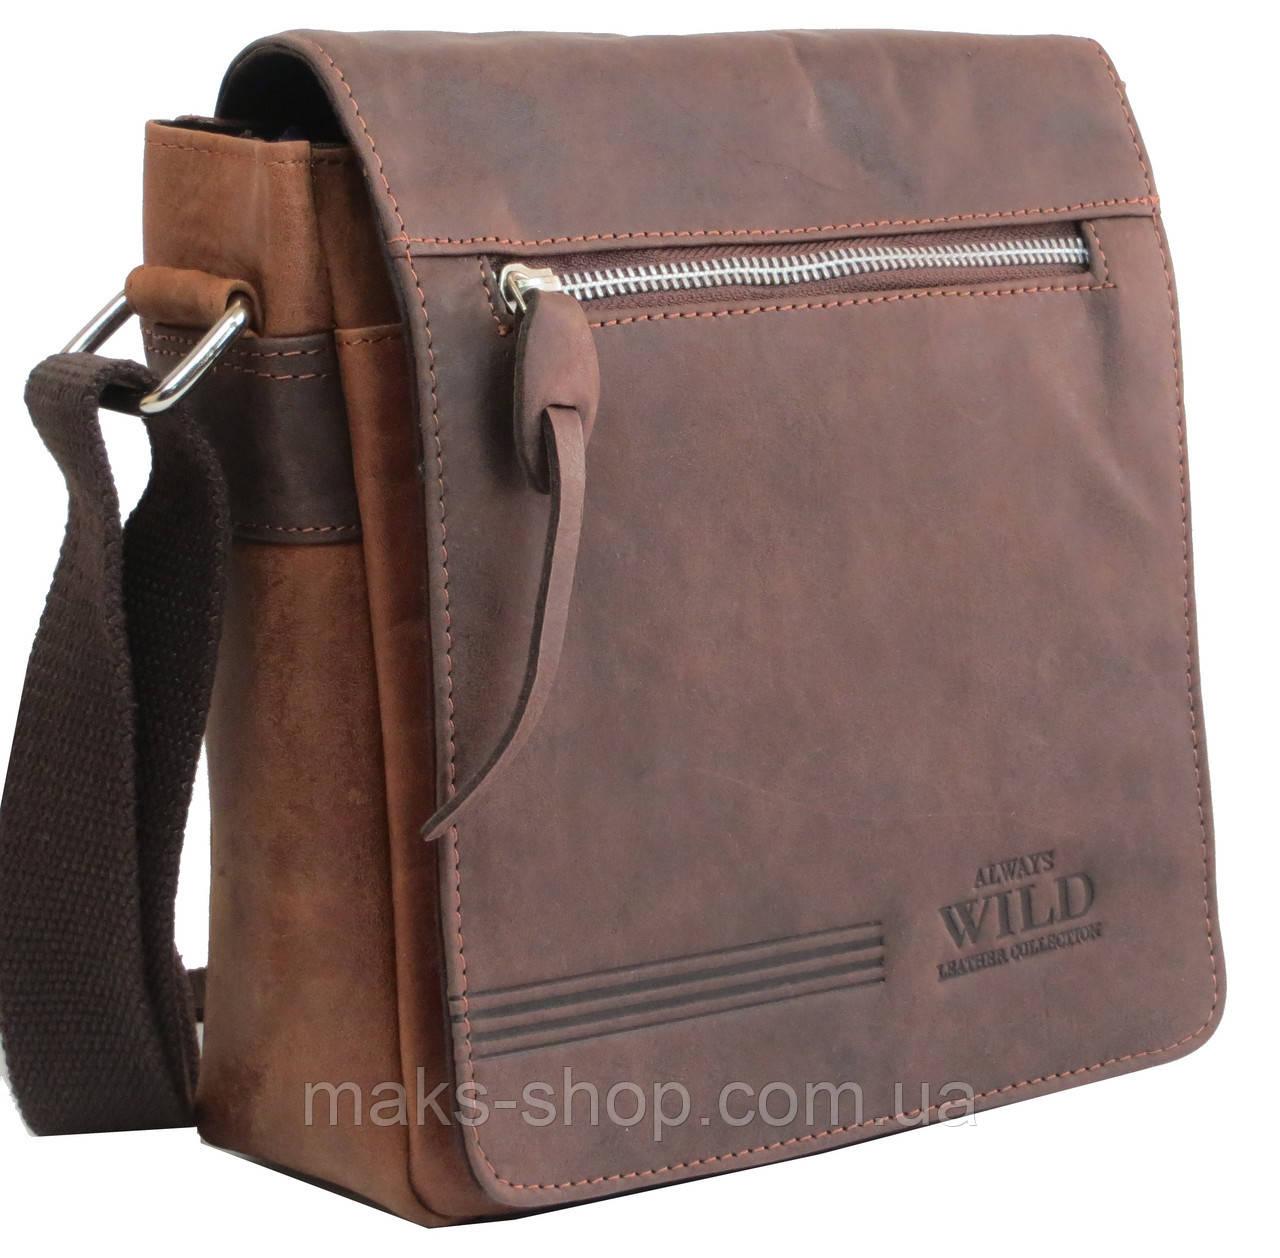 fda9950d3156 Городская кожаная сумка на плечо Always Wild BAG2HB коричневая - Maks Shop-  надежный и перспективный